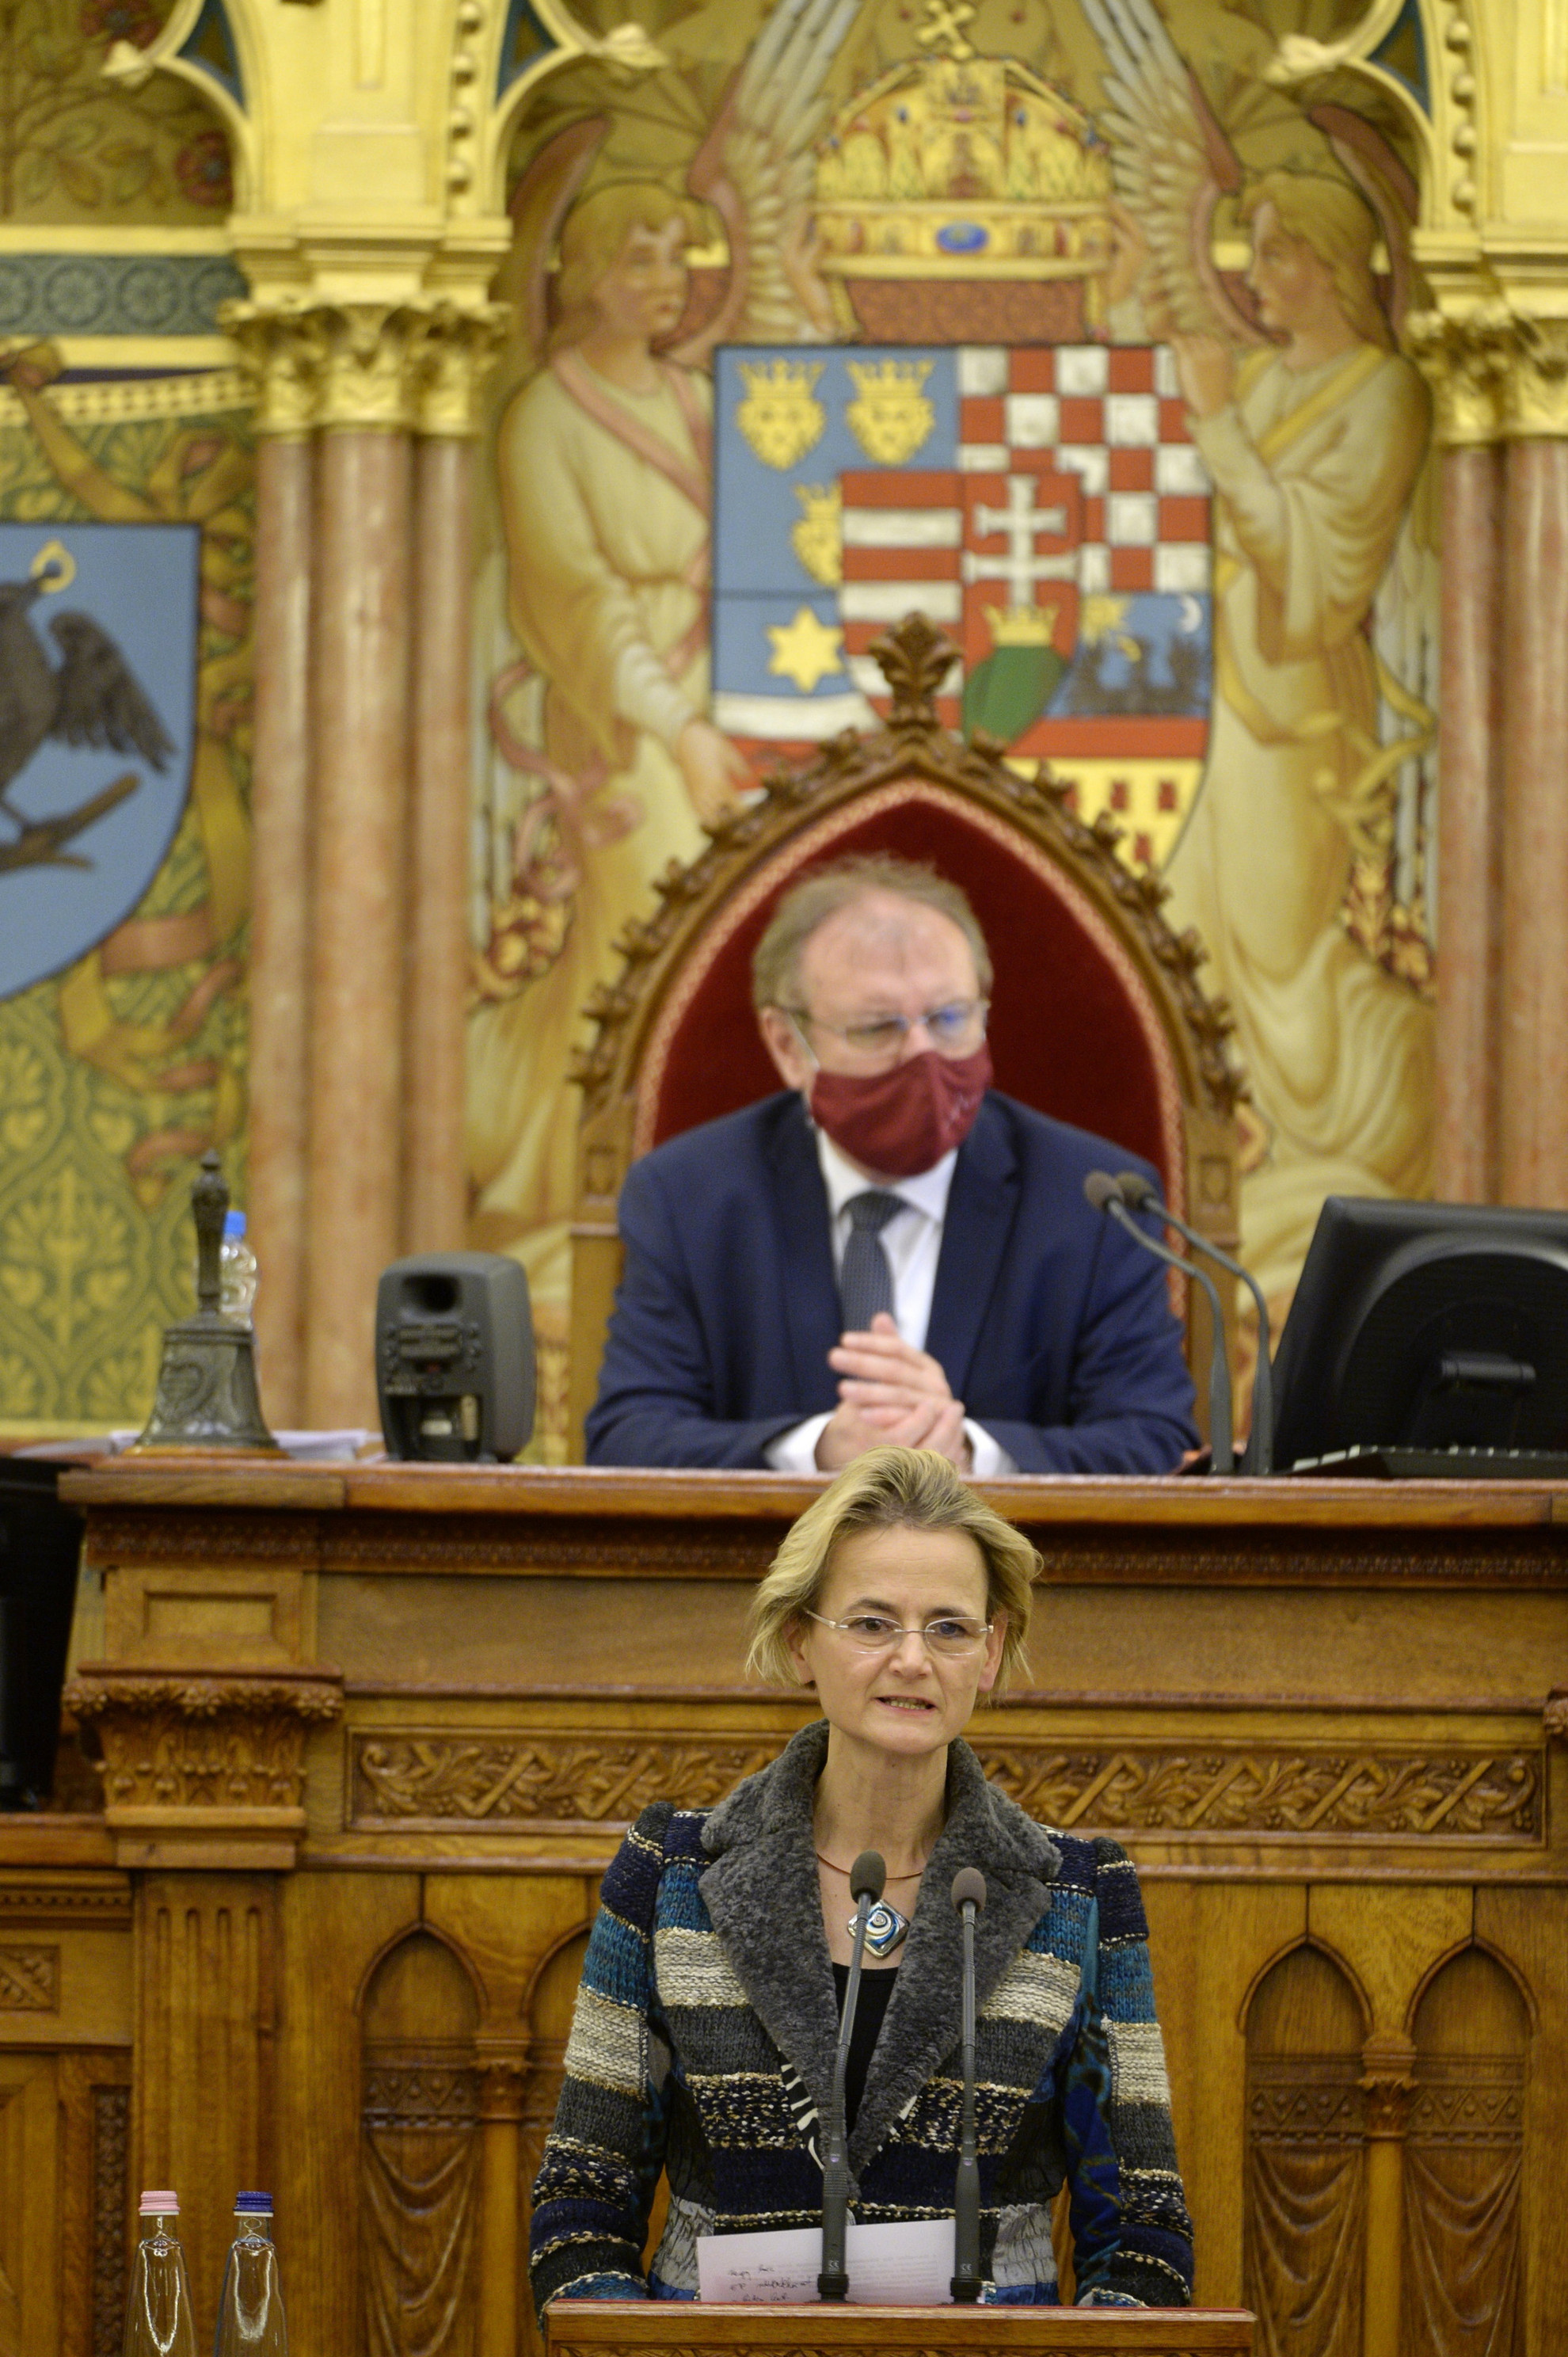 Győri Enikő, a Fidesz EP-képviselője előre bejelentetten felszólal a 2021-27. évi ciklus EU-s forrásainak felhasználásáról szóló vitában az Országgyűlés plenáris ülésén 2021. március 22-én